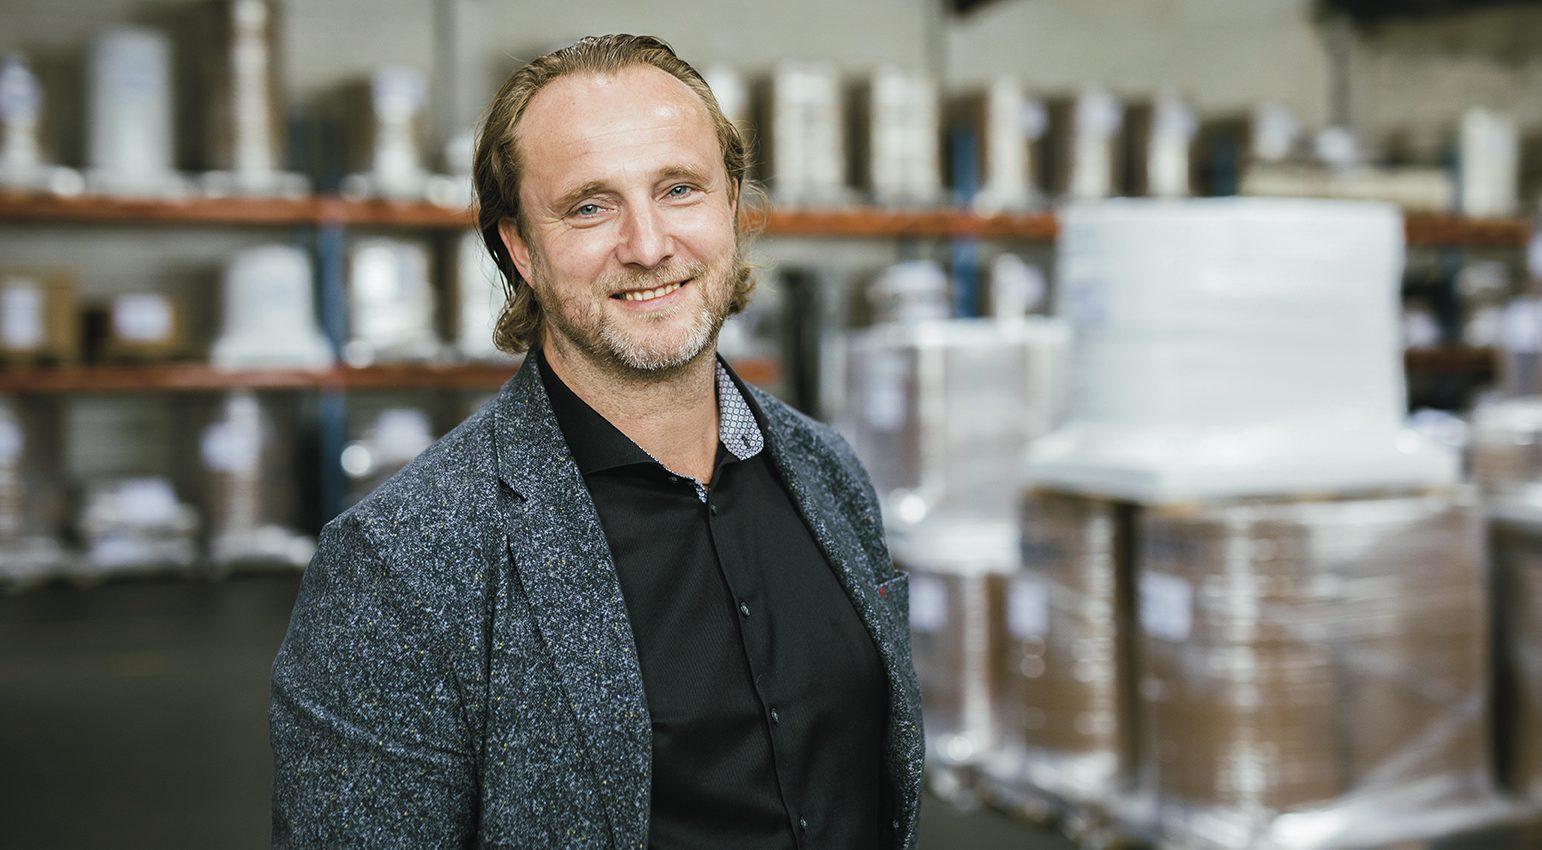 Als Betriebsleiter Swen Goetsch-Uhlen vor der Aufgabe stand, systematisch Nachwuchs für die Produktion heranzuziehen, hatte er eine clevere Idee.